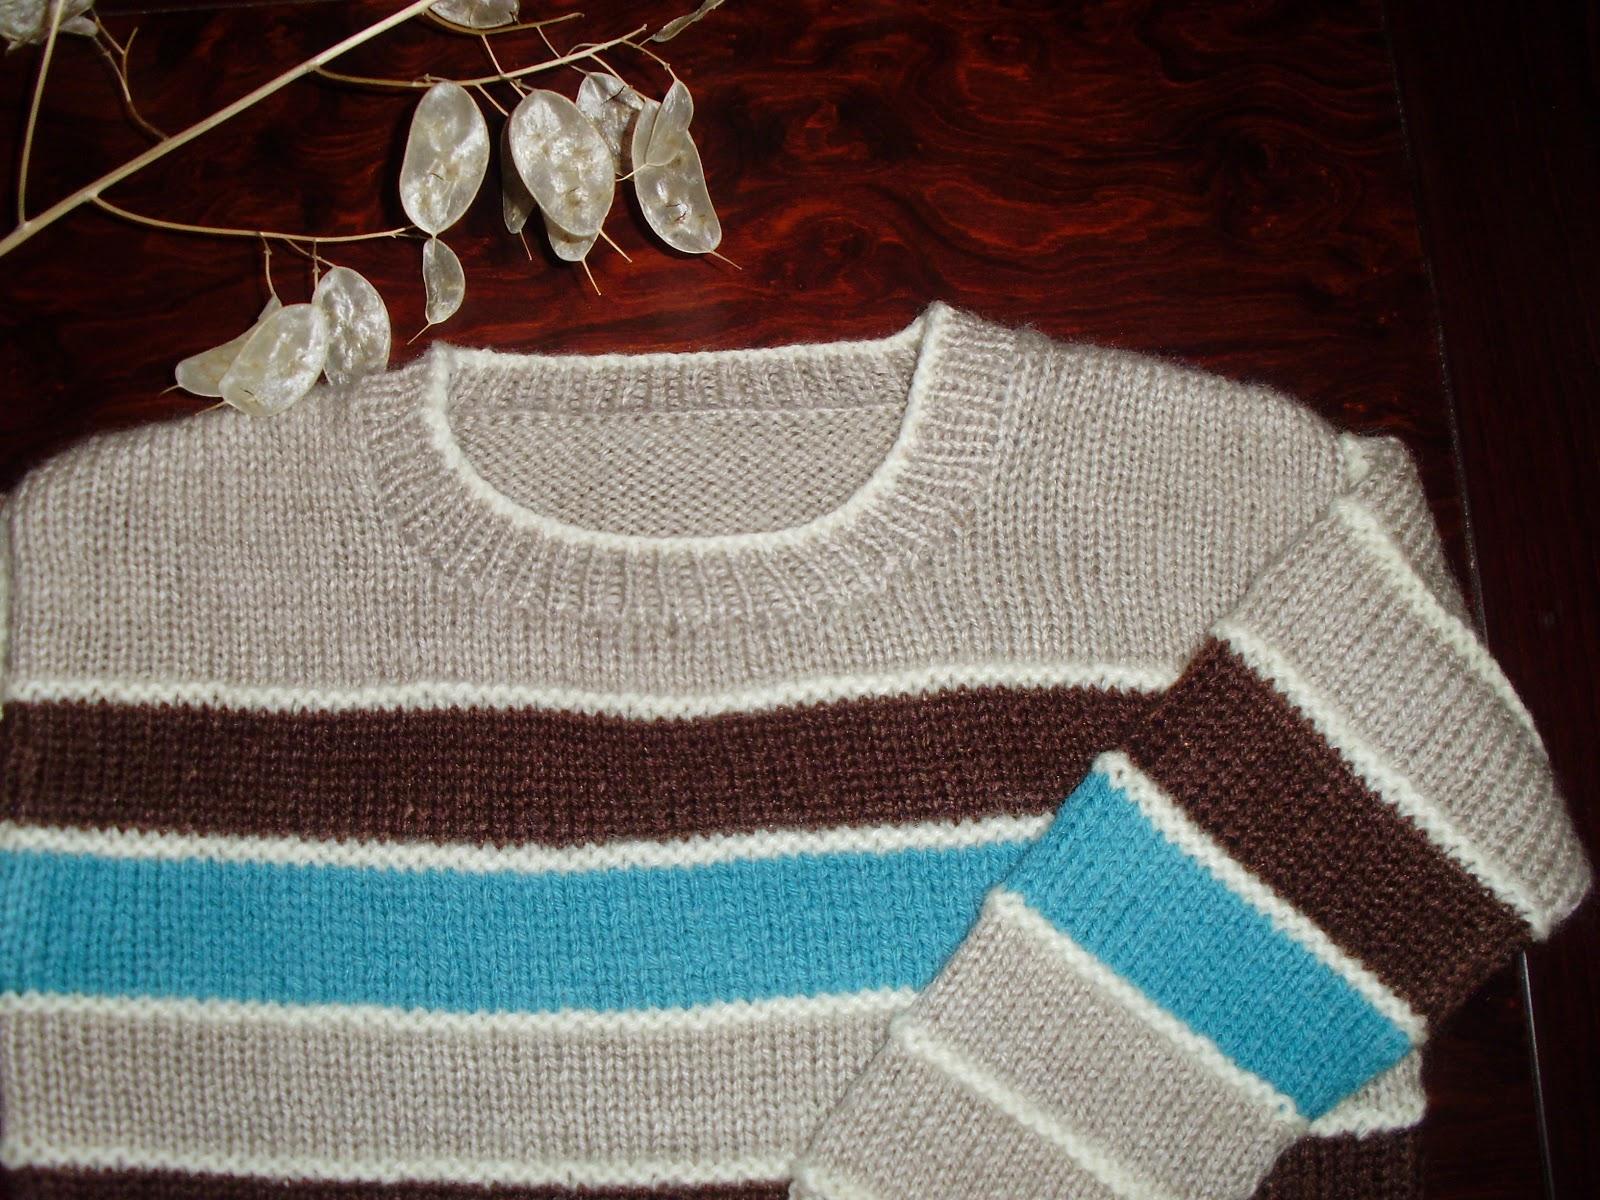 1ae2b37a822 Παιδικό πλεκτό πουλόβερ για αγόρια. Συλλογή